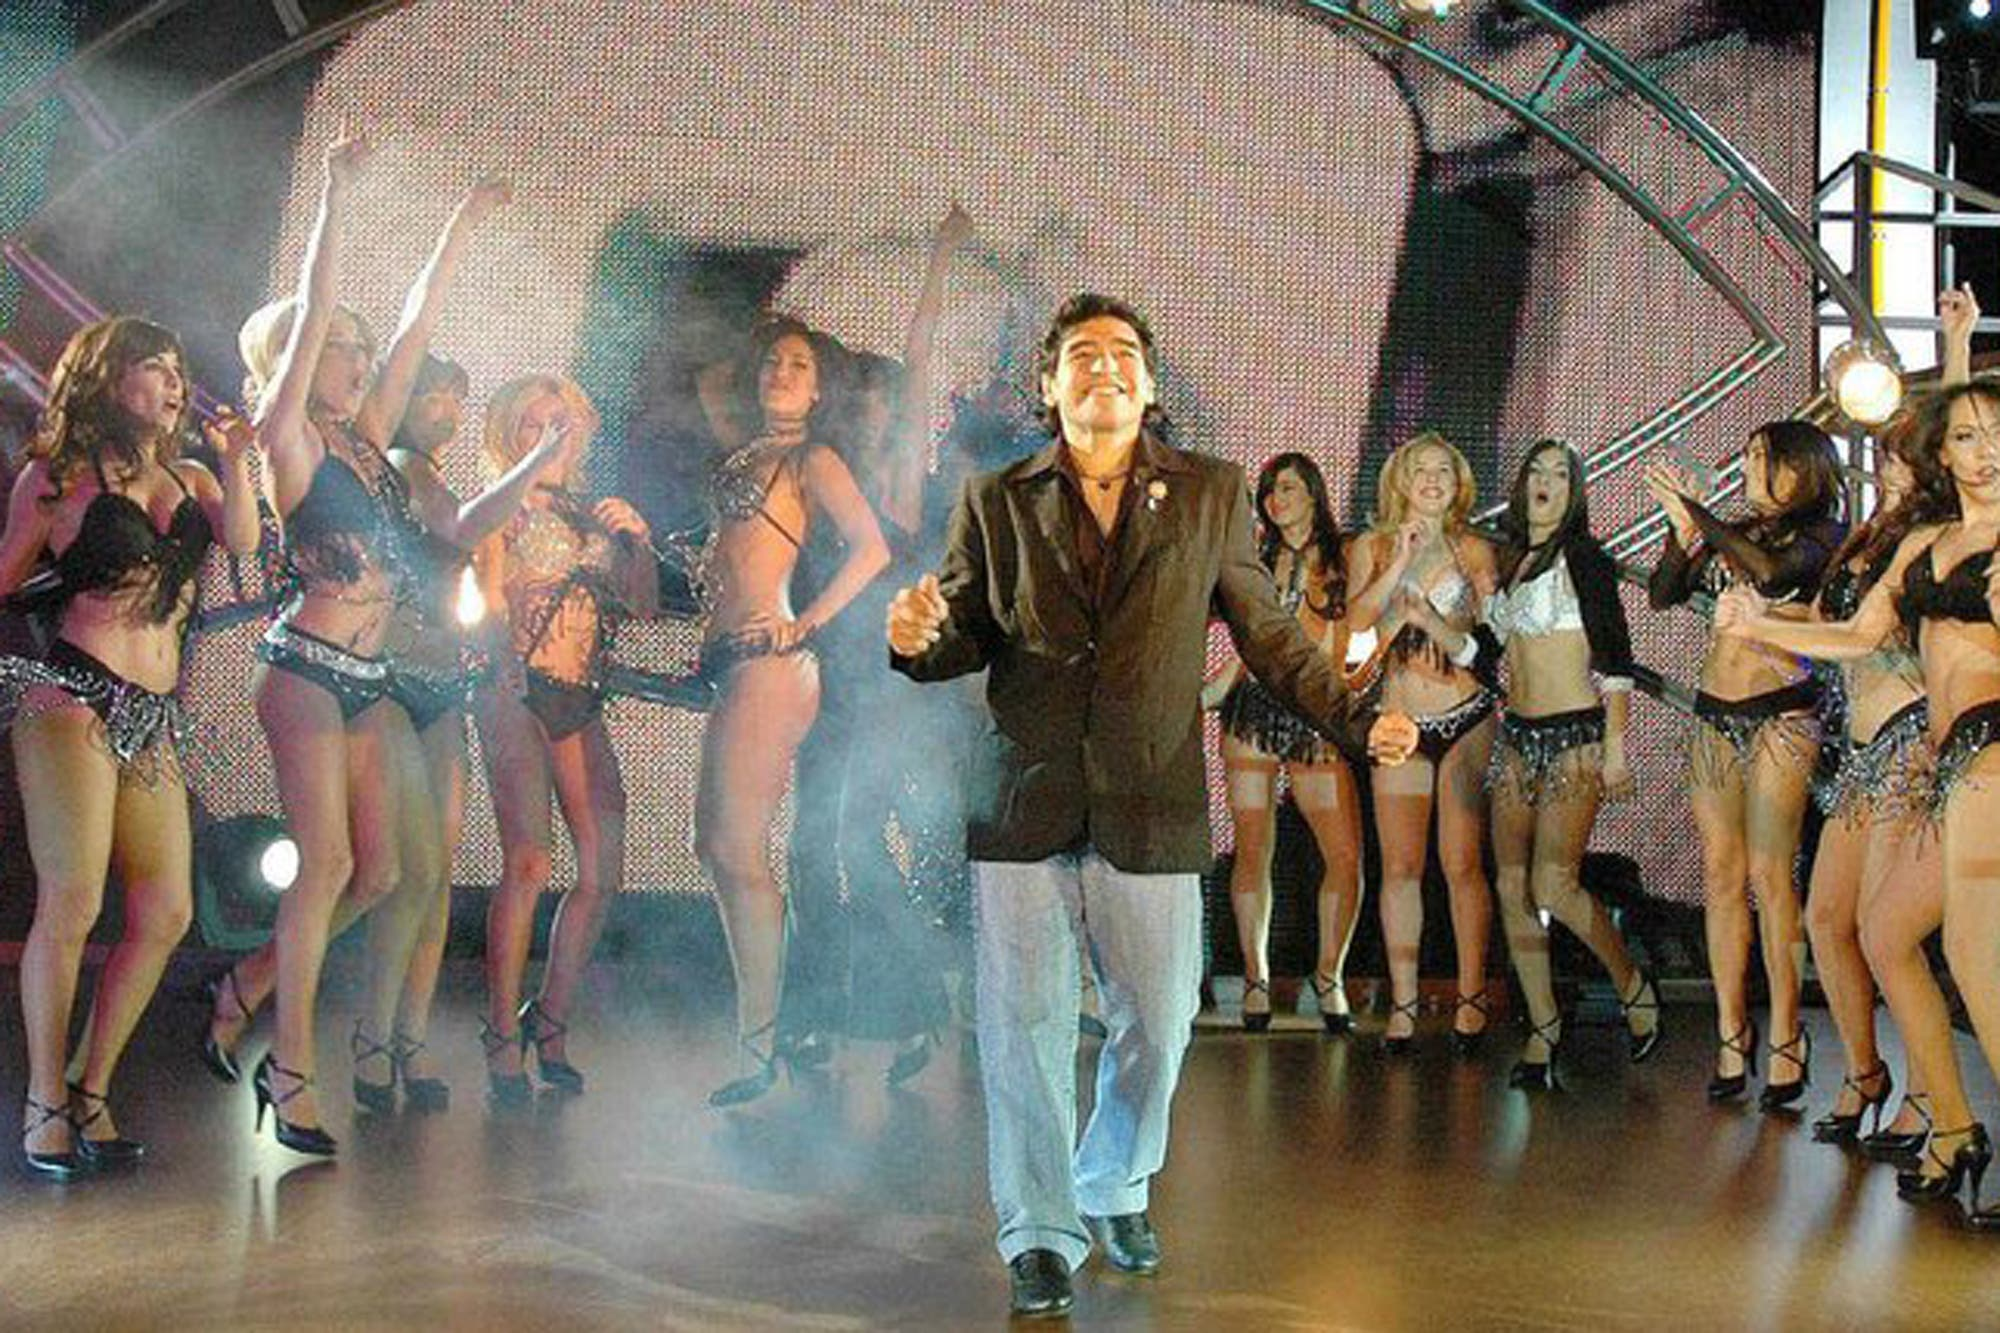 La noche del 10: los secretos de un mega show a la medida de Diego Maradona